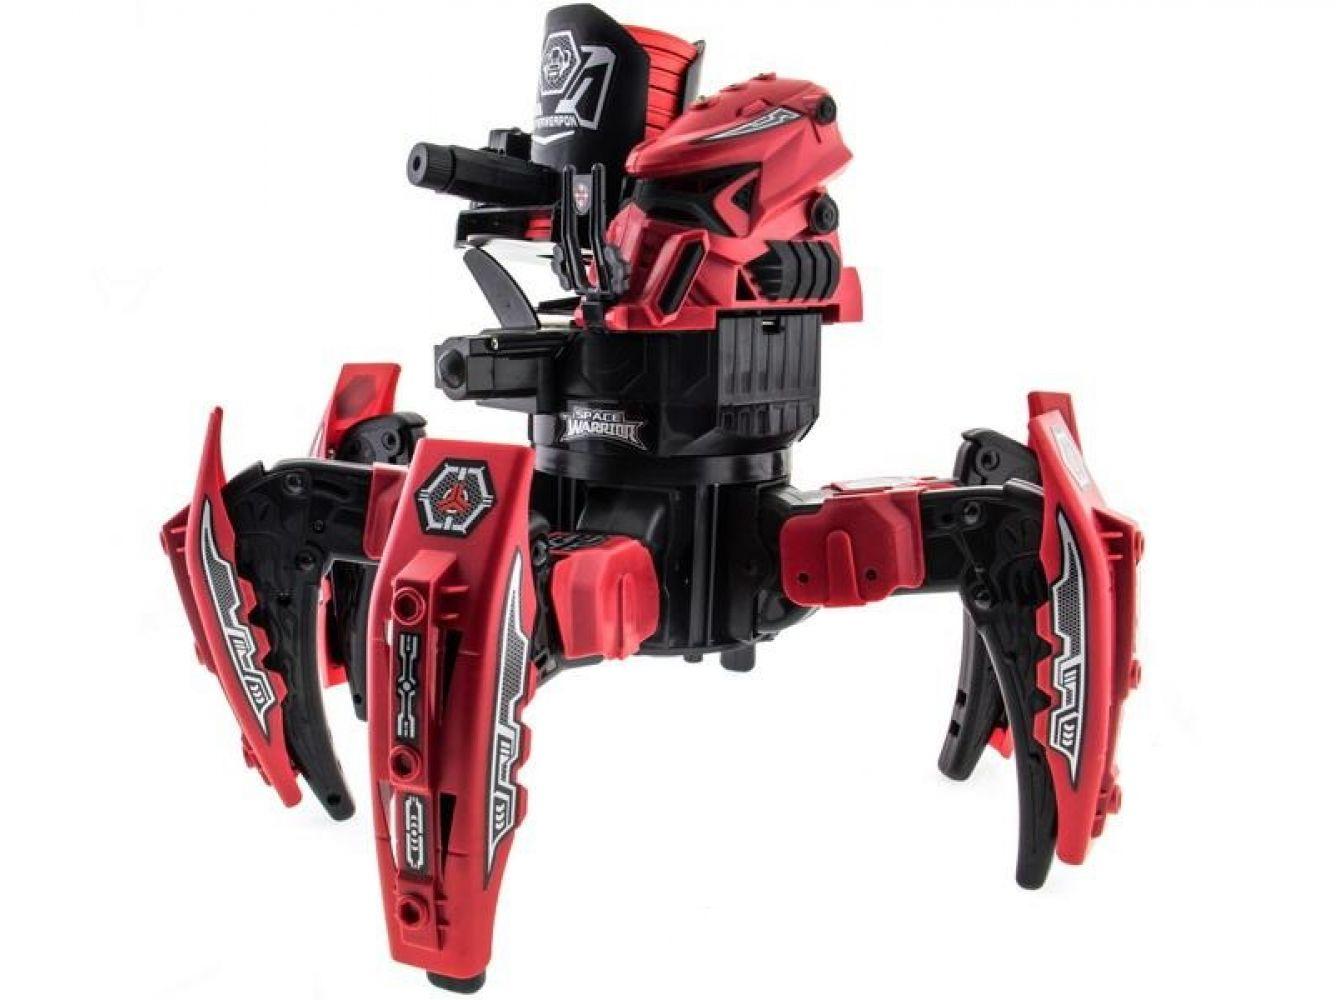 Животные Keye Toys Робот-паук р/у Keye Space Warrior ракеты, диски, лазер (красный)